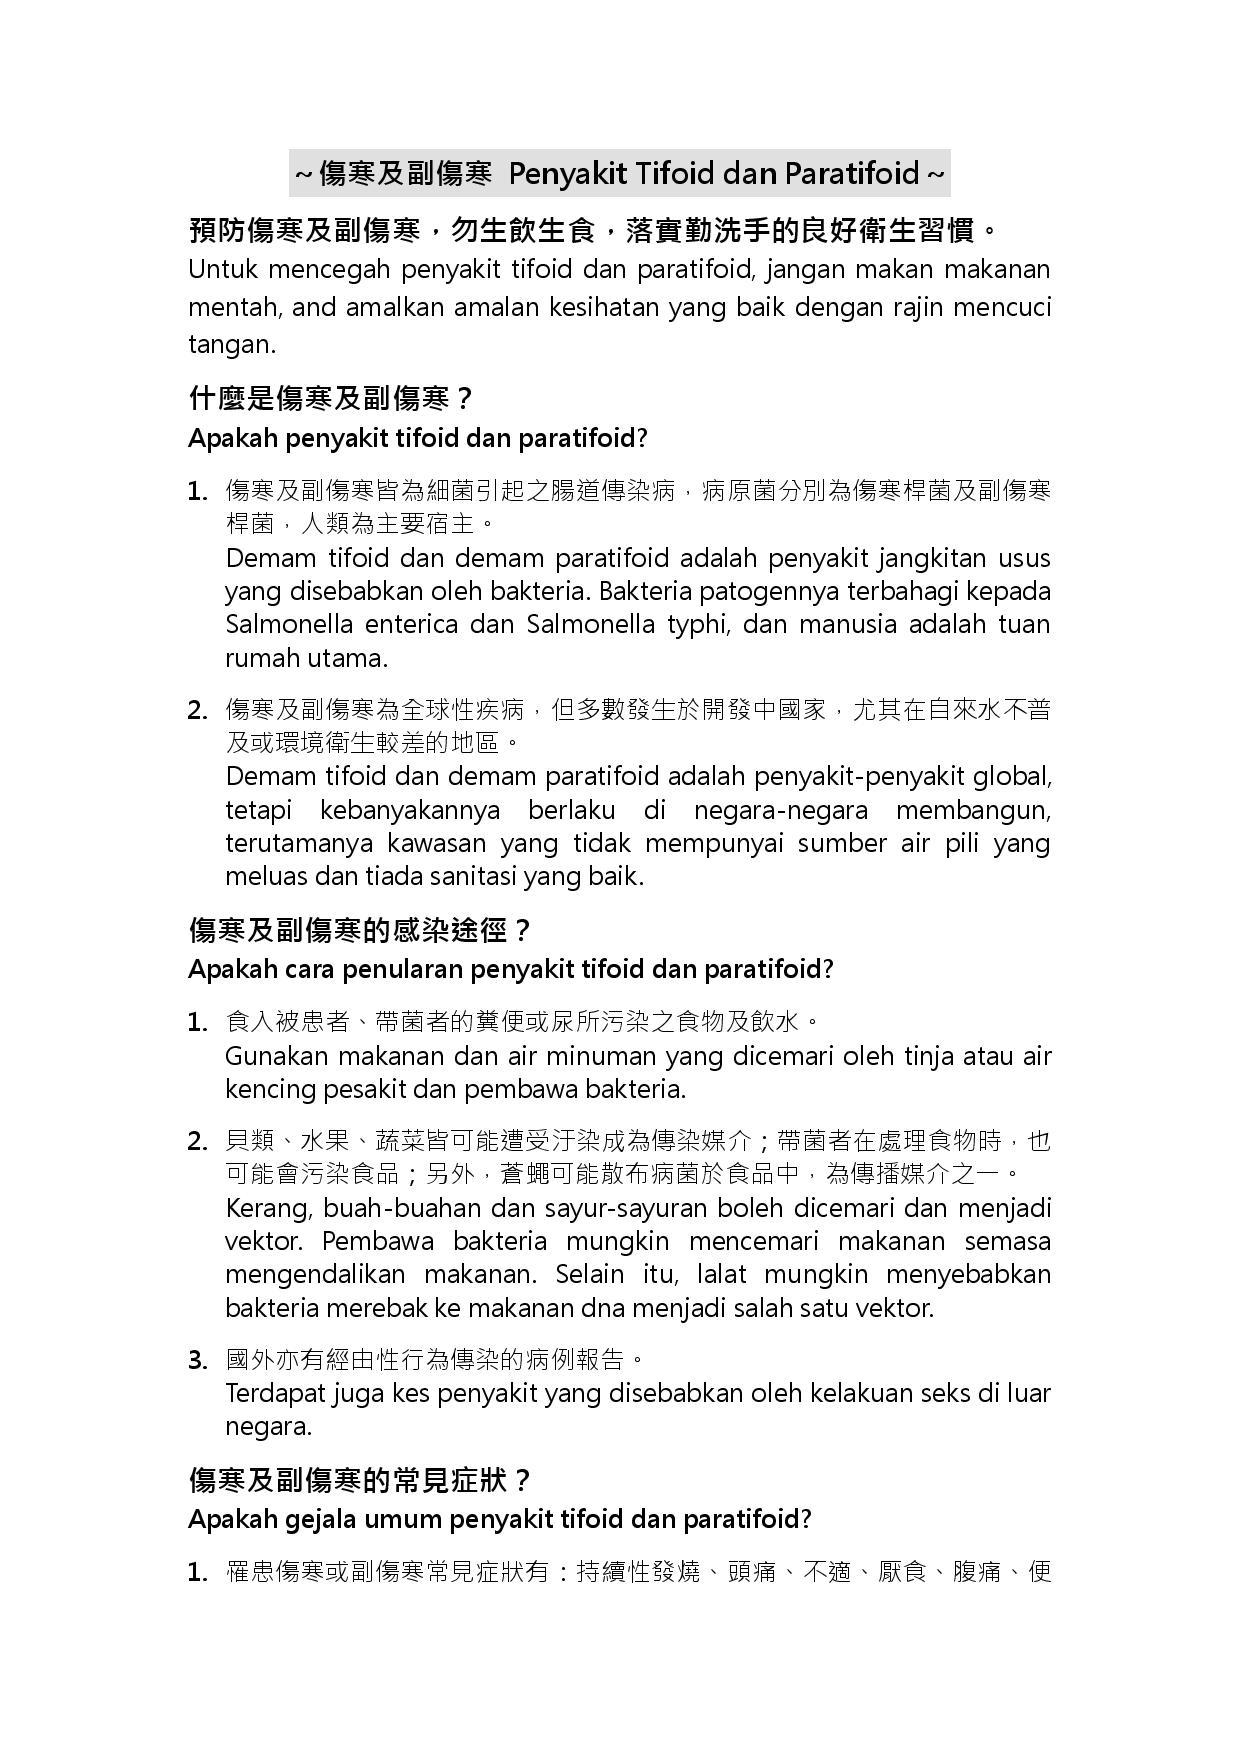 詳如附件【klik saya】Untuk mencegah penyakit tifoid dan paratifoid(Halaman 1)預防傷寒及副傷寒,勿生飲生食,落實勤洗手的良好衛生習慣(馬來文)